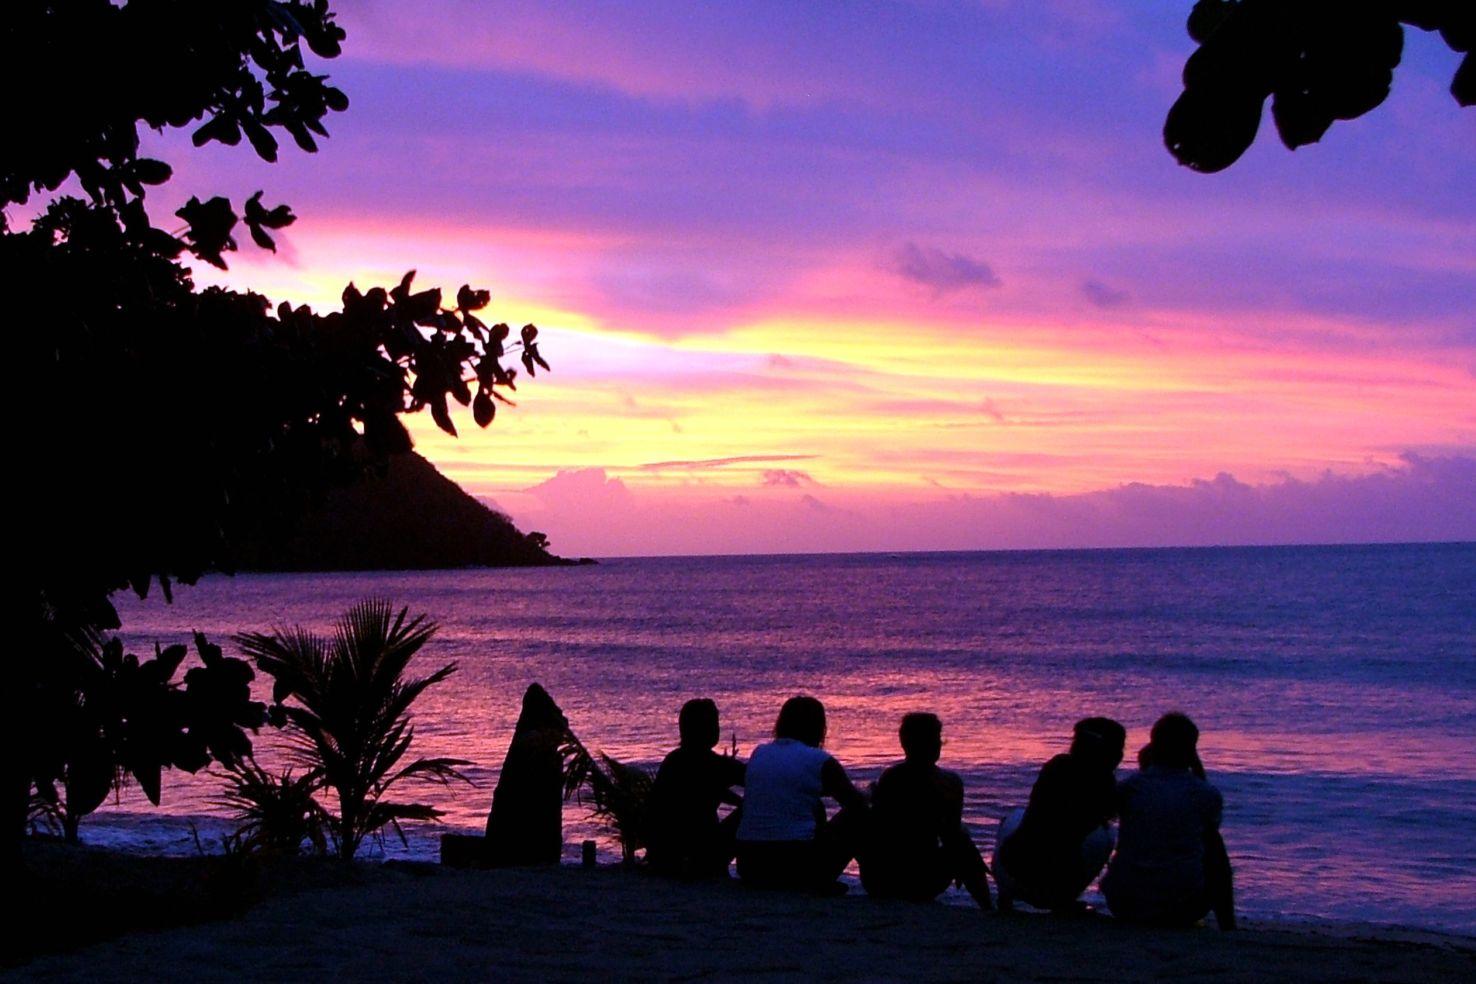 Sunset on the beach in Fiji